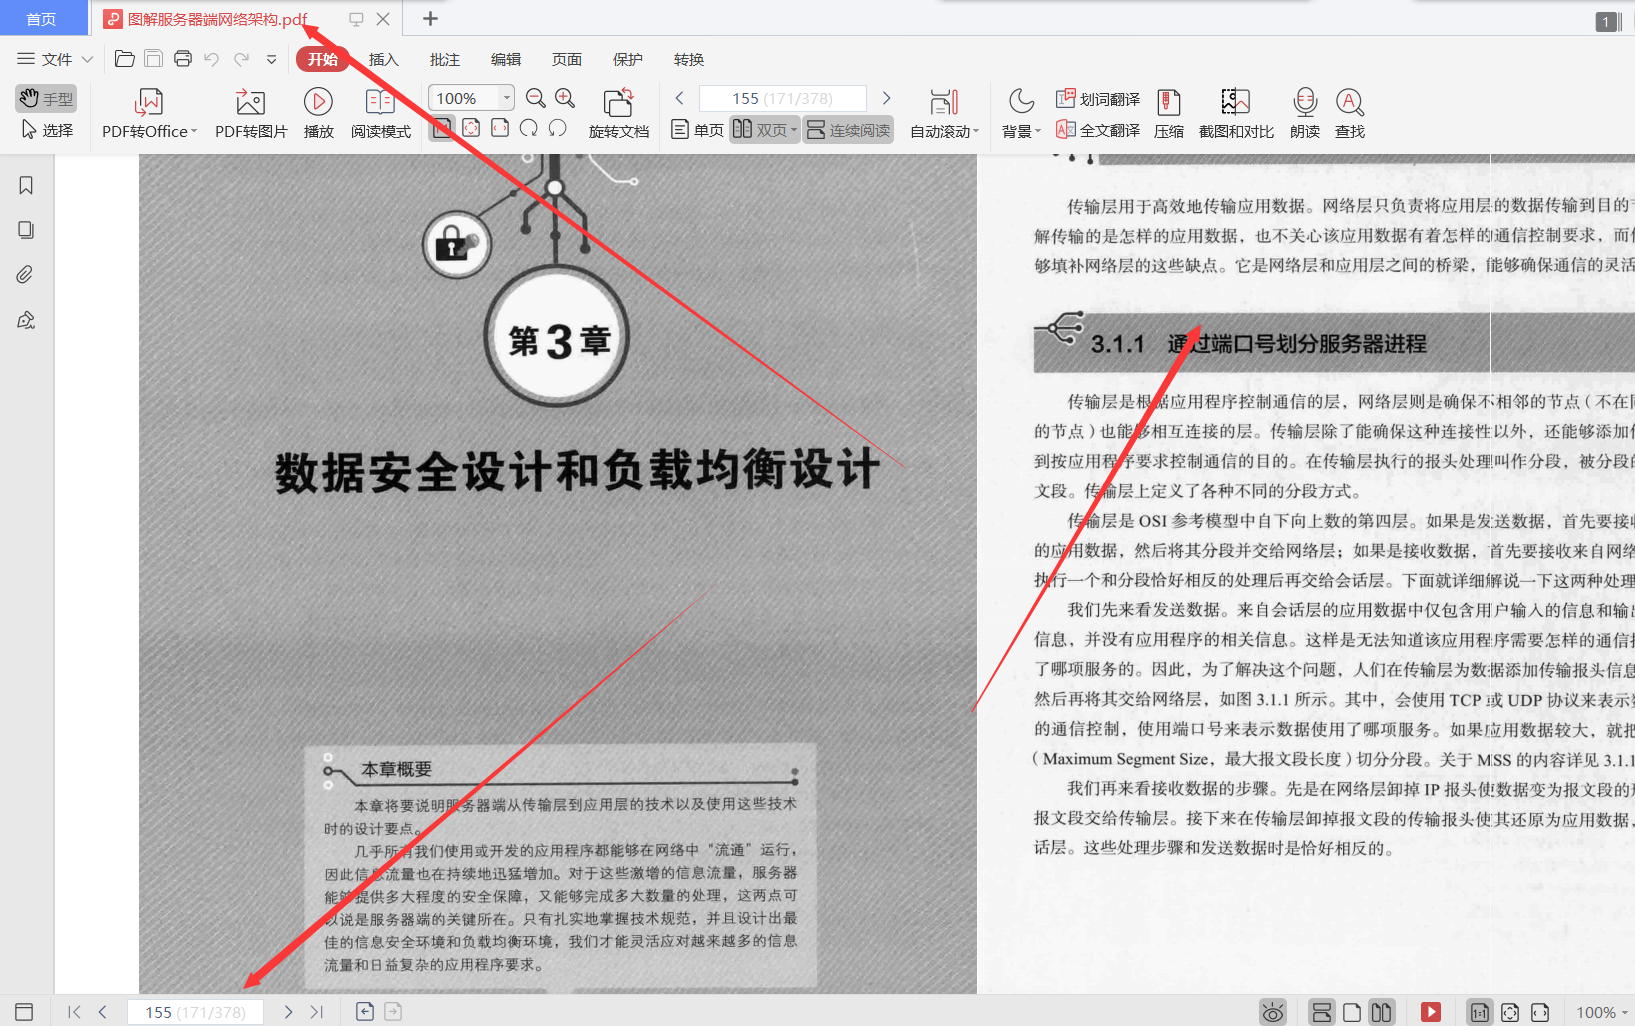 阿里资深工程师用467张图带你吃透服务器端网络架构PDF